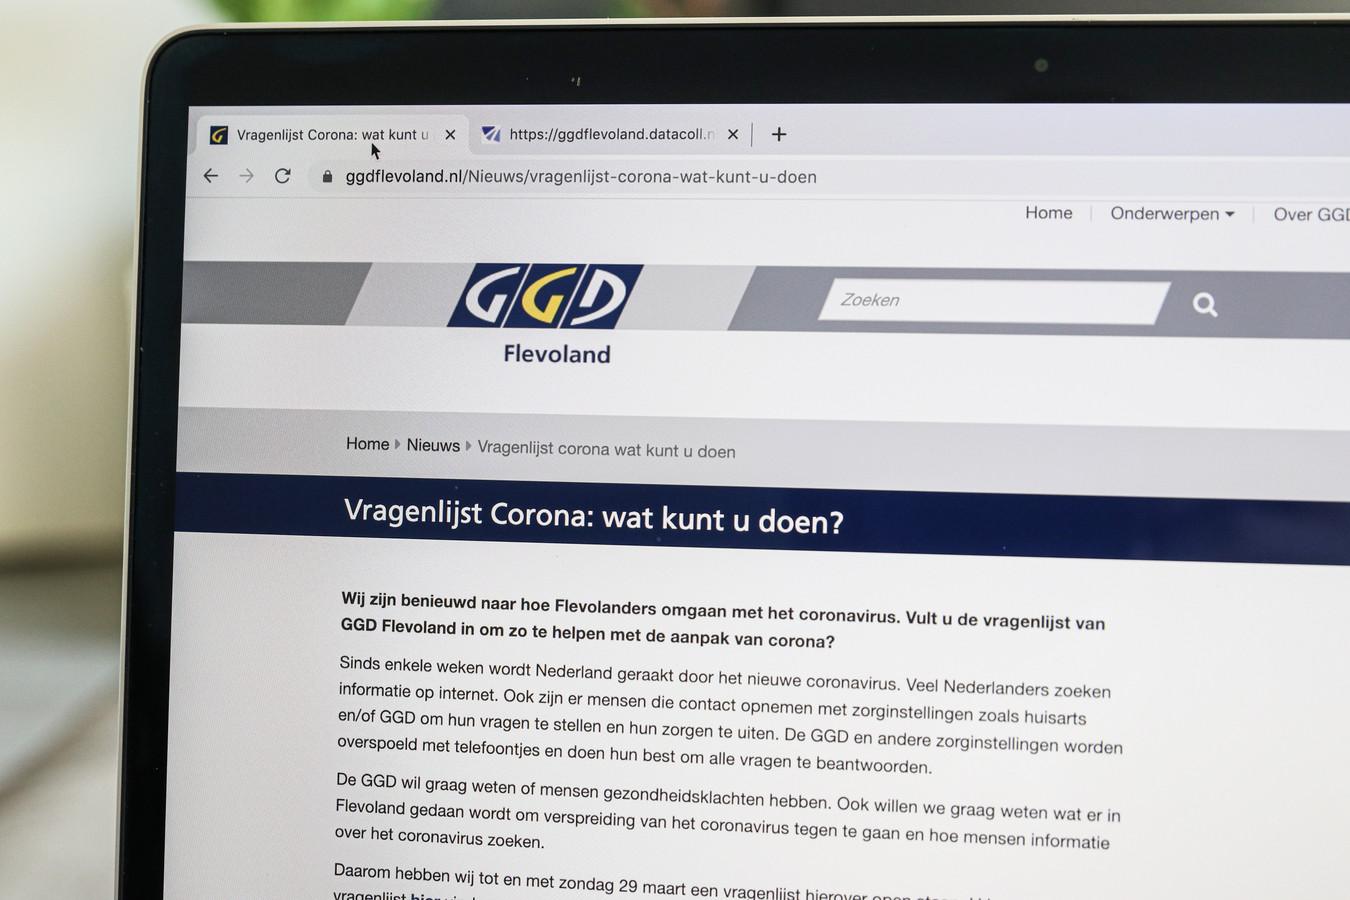 De GGD Flevoland doet opnieuw onderzoek naar de impact van de coronamaatregelen op inwoners.